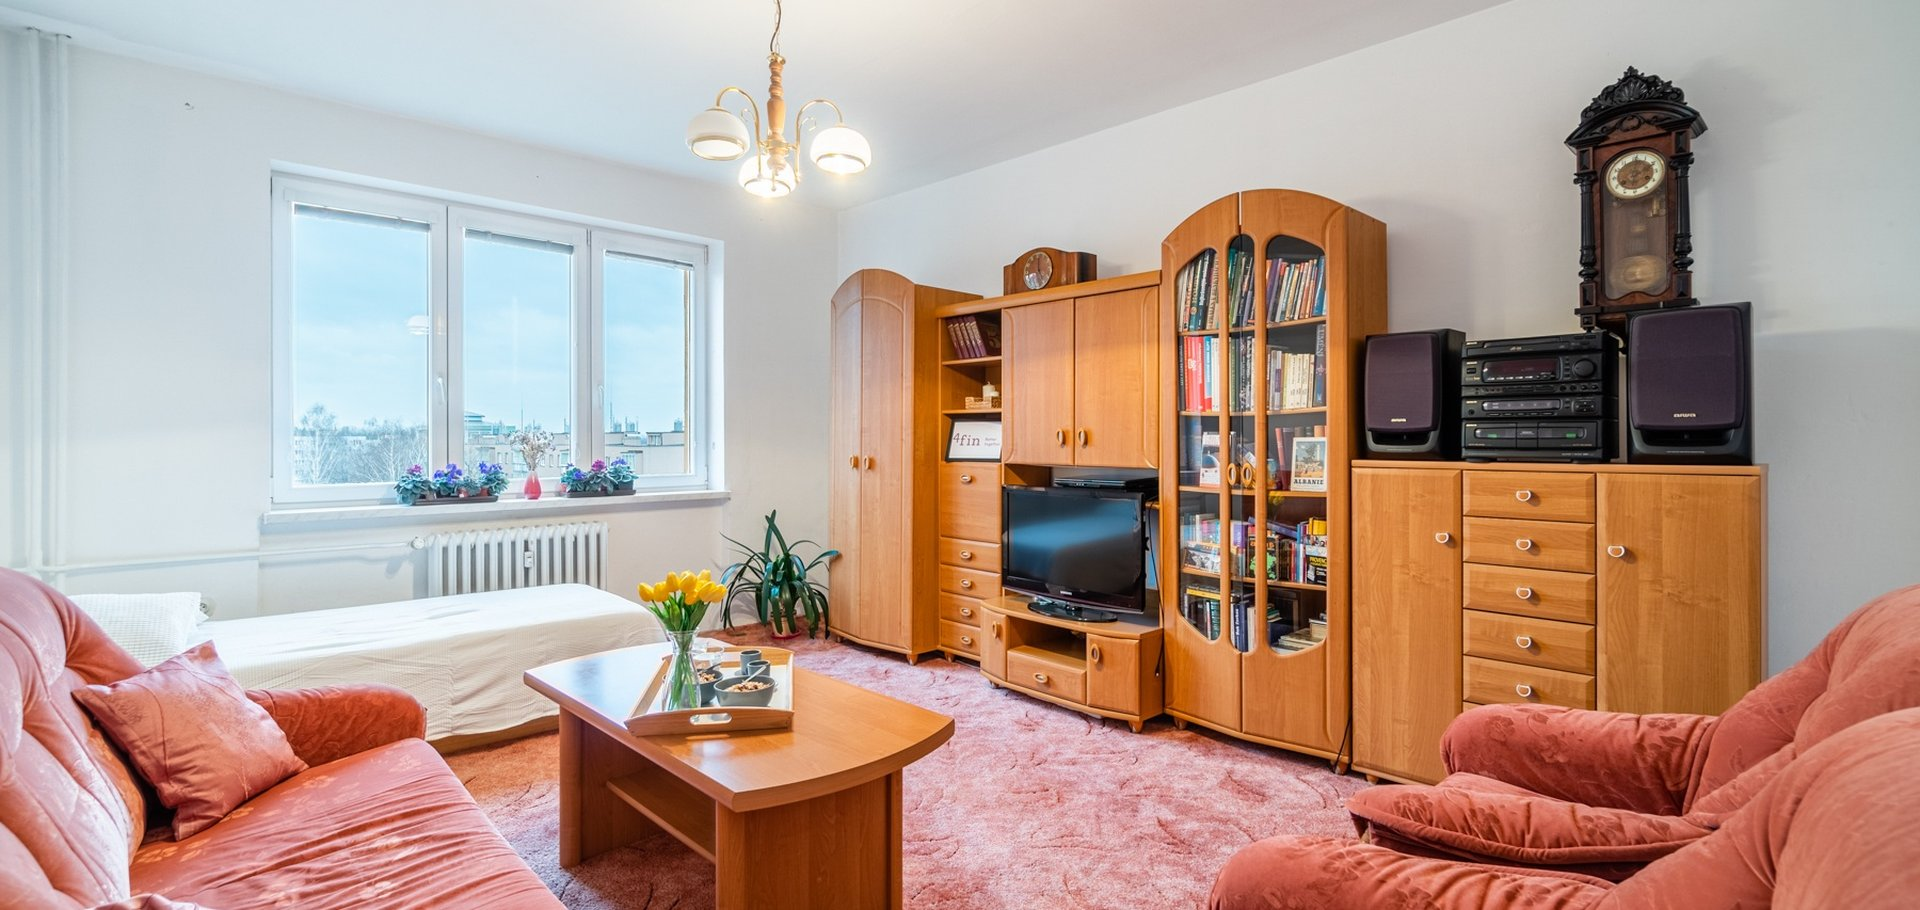 Prodej bytu 1+1, 35m², Třinec - Lyžbice